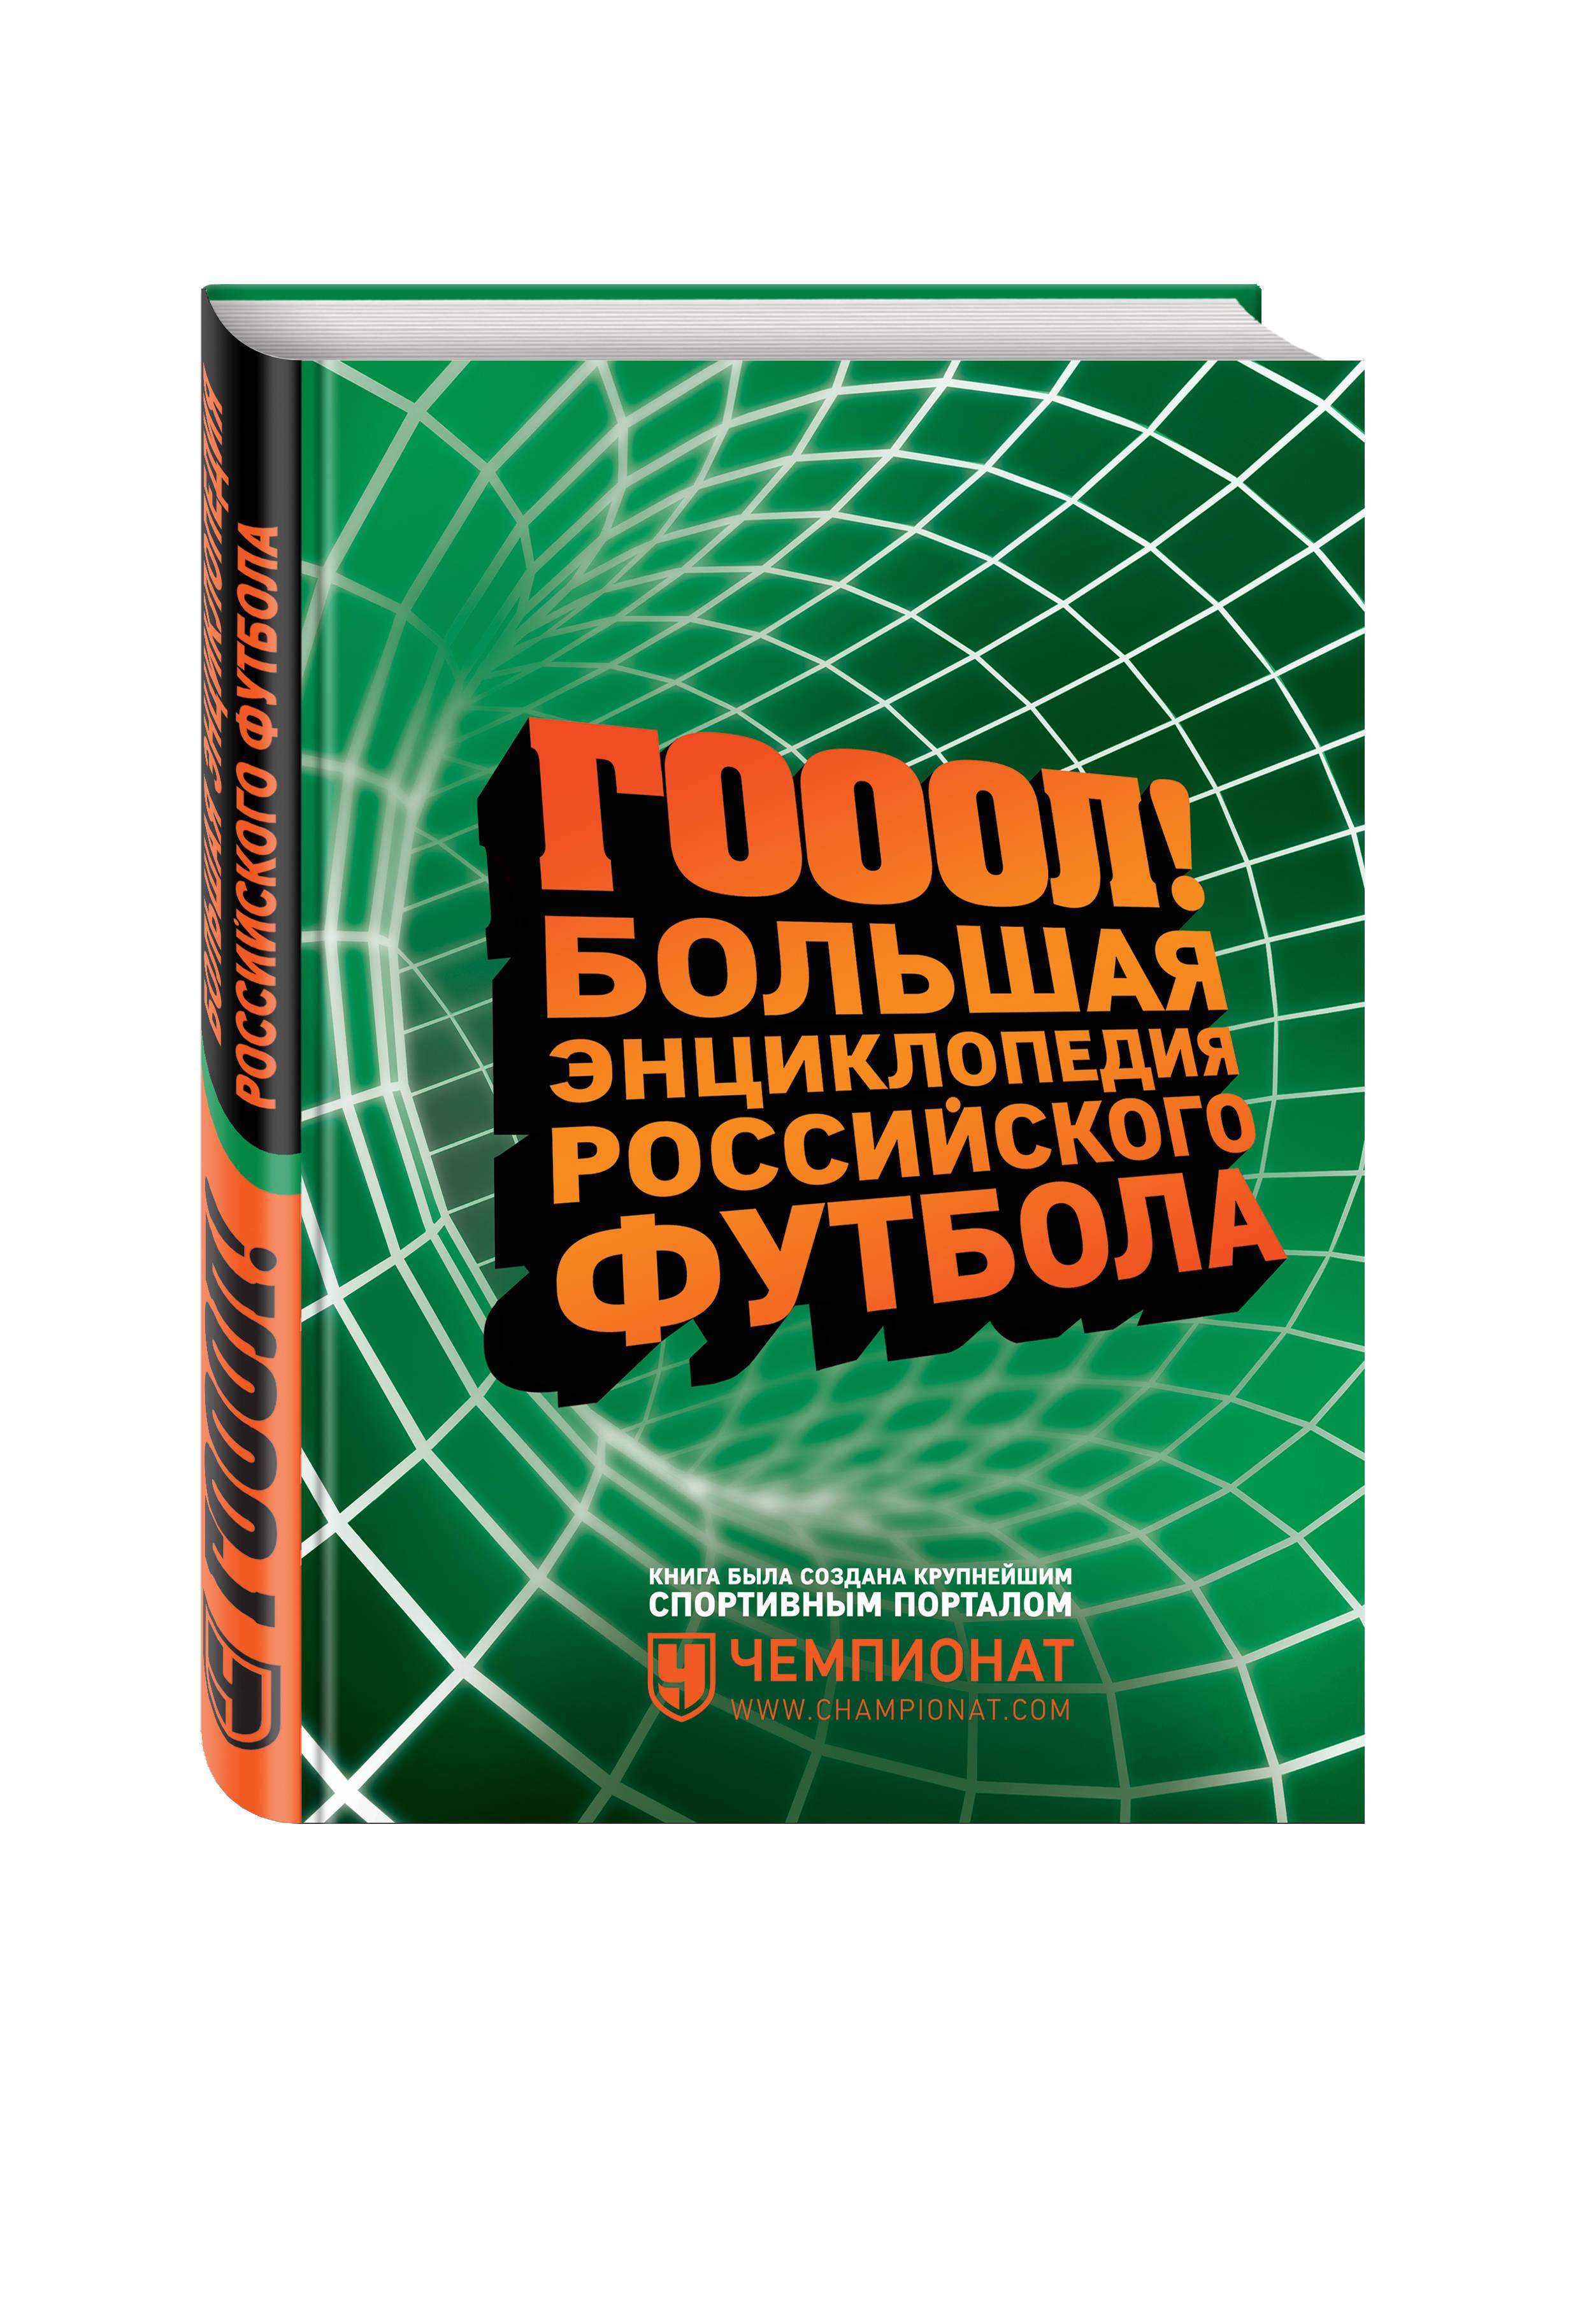 Фото #1: Большая энциклопедия российского футбола